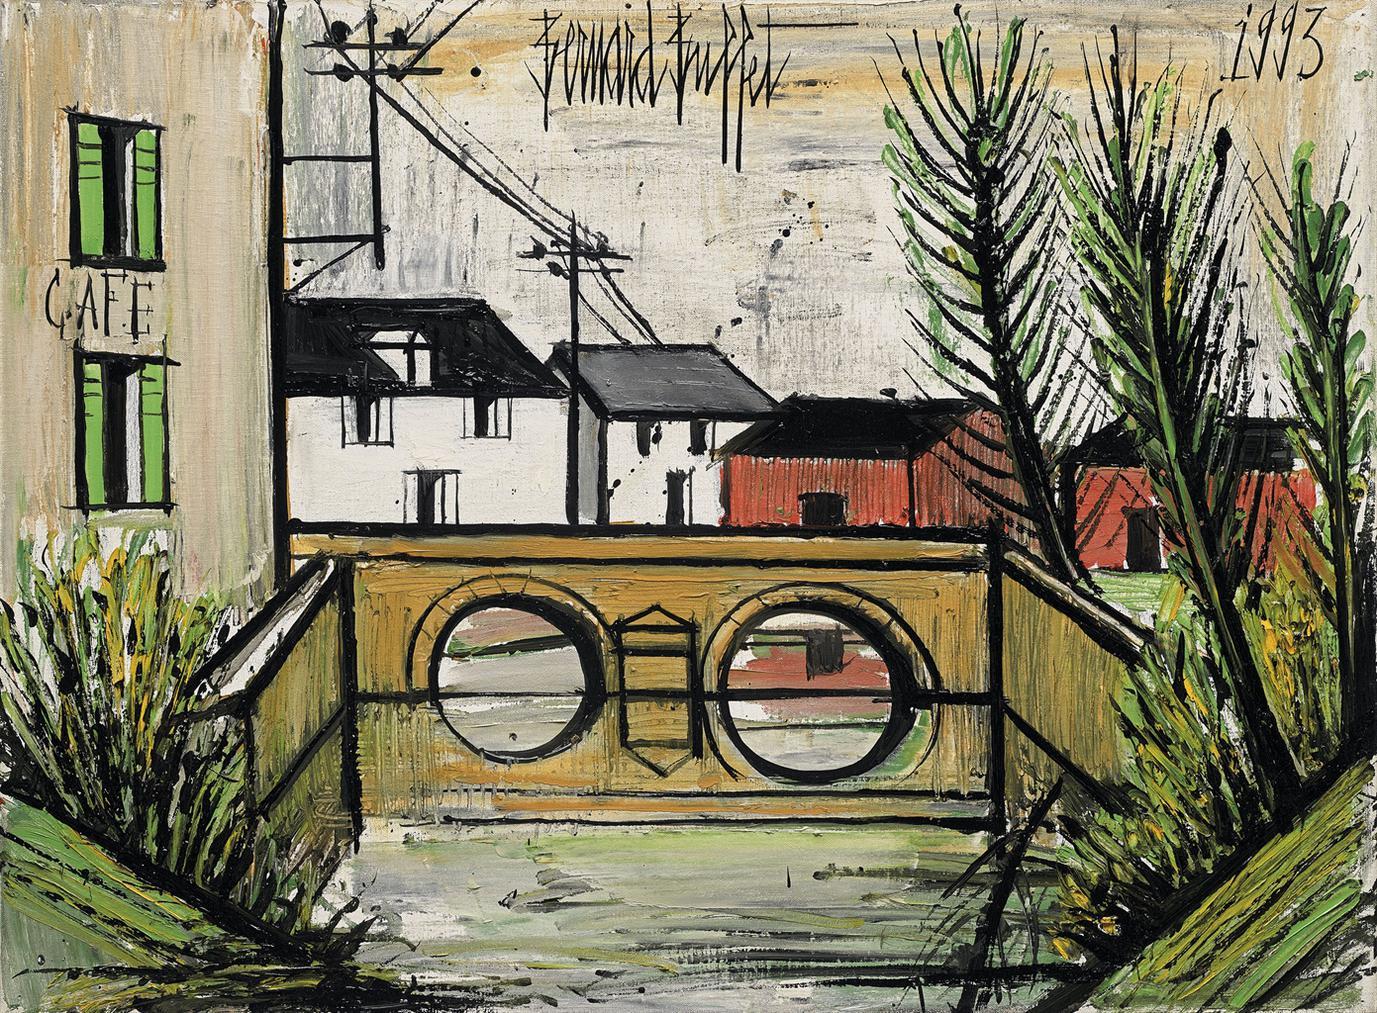 Bernard Buffet-Pont Dans Un Village-1993